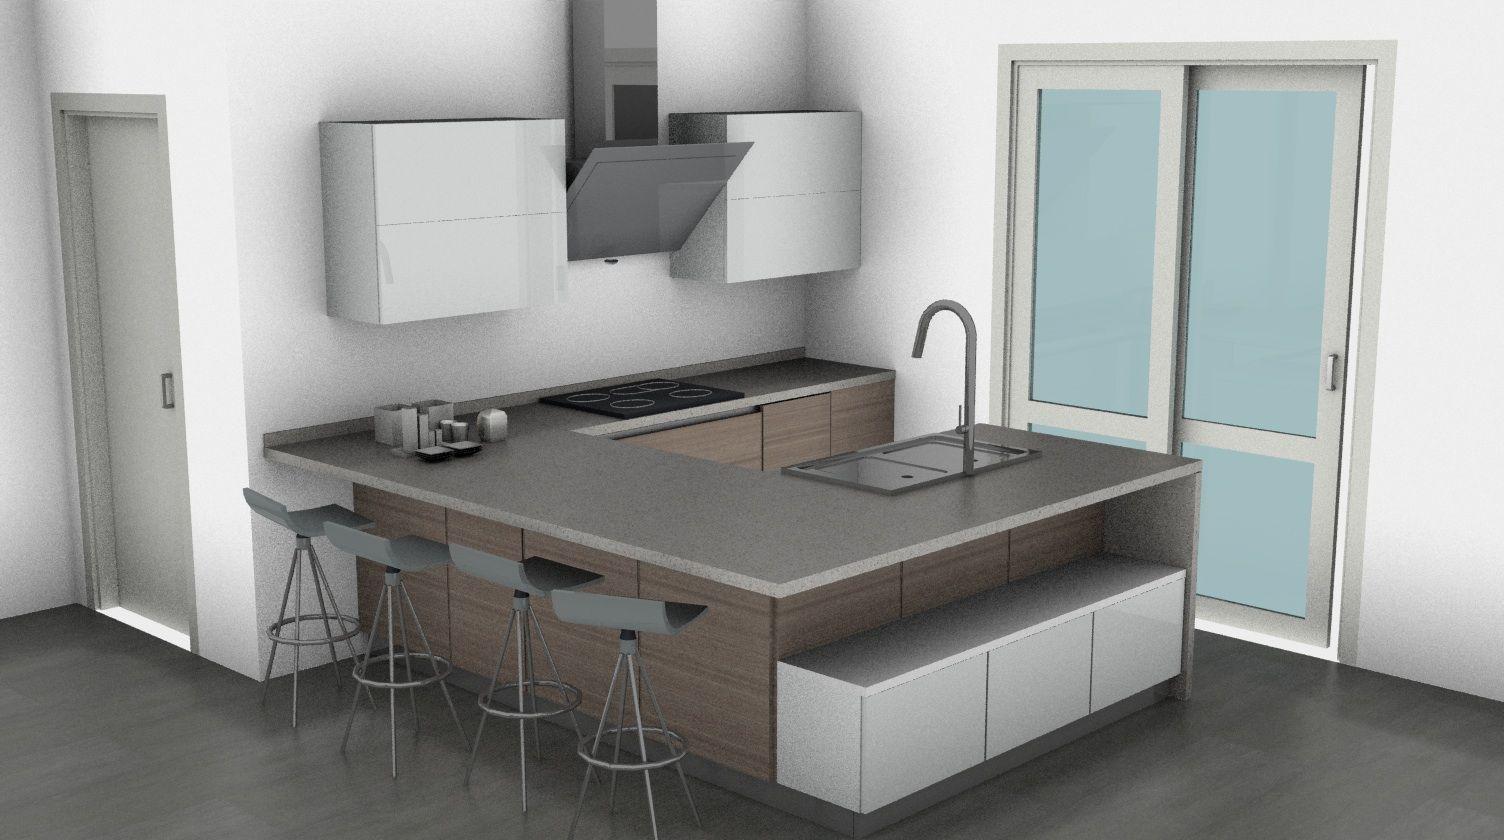 Cucina scavolini penisola a ferro di cavallo kitchen - Cucine a ferro di cavallo ...